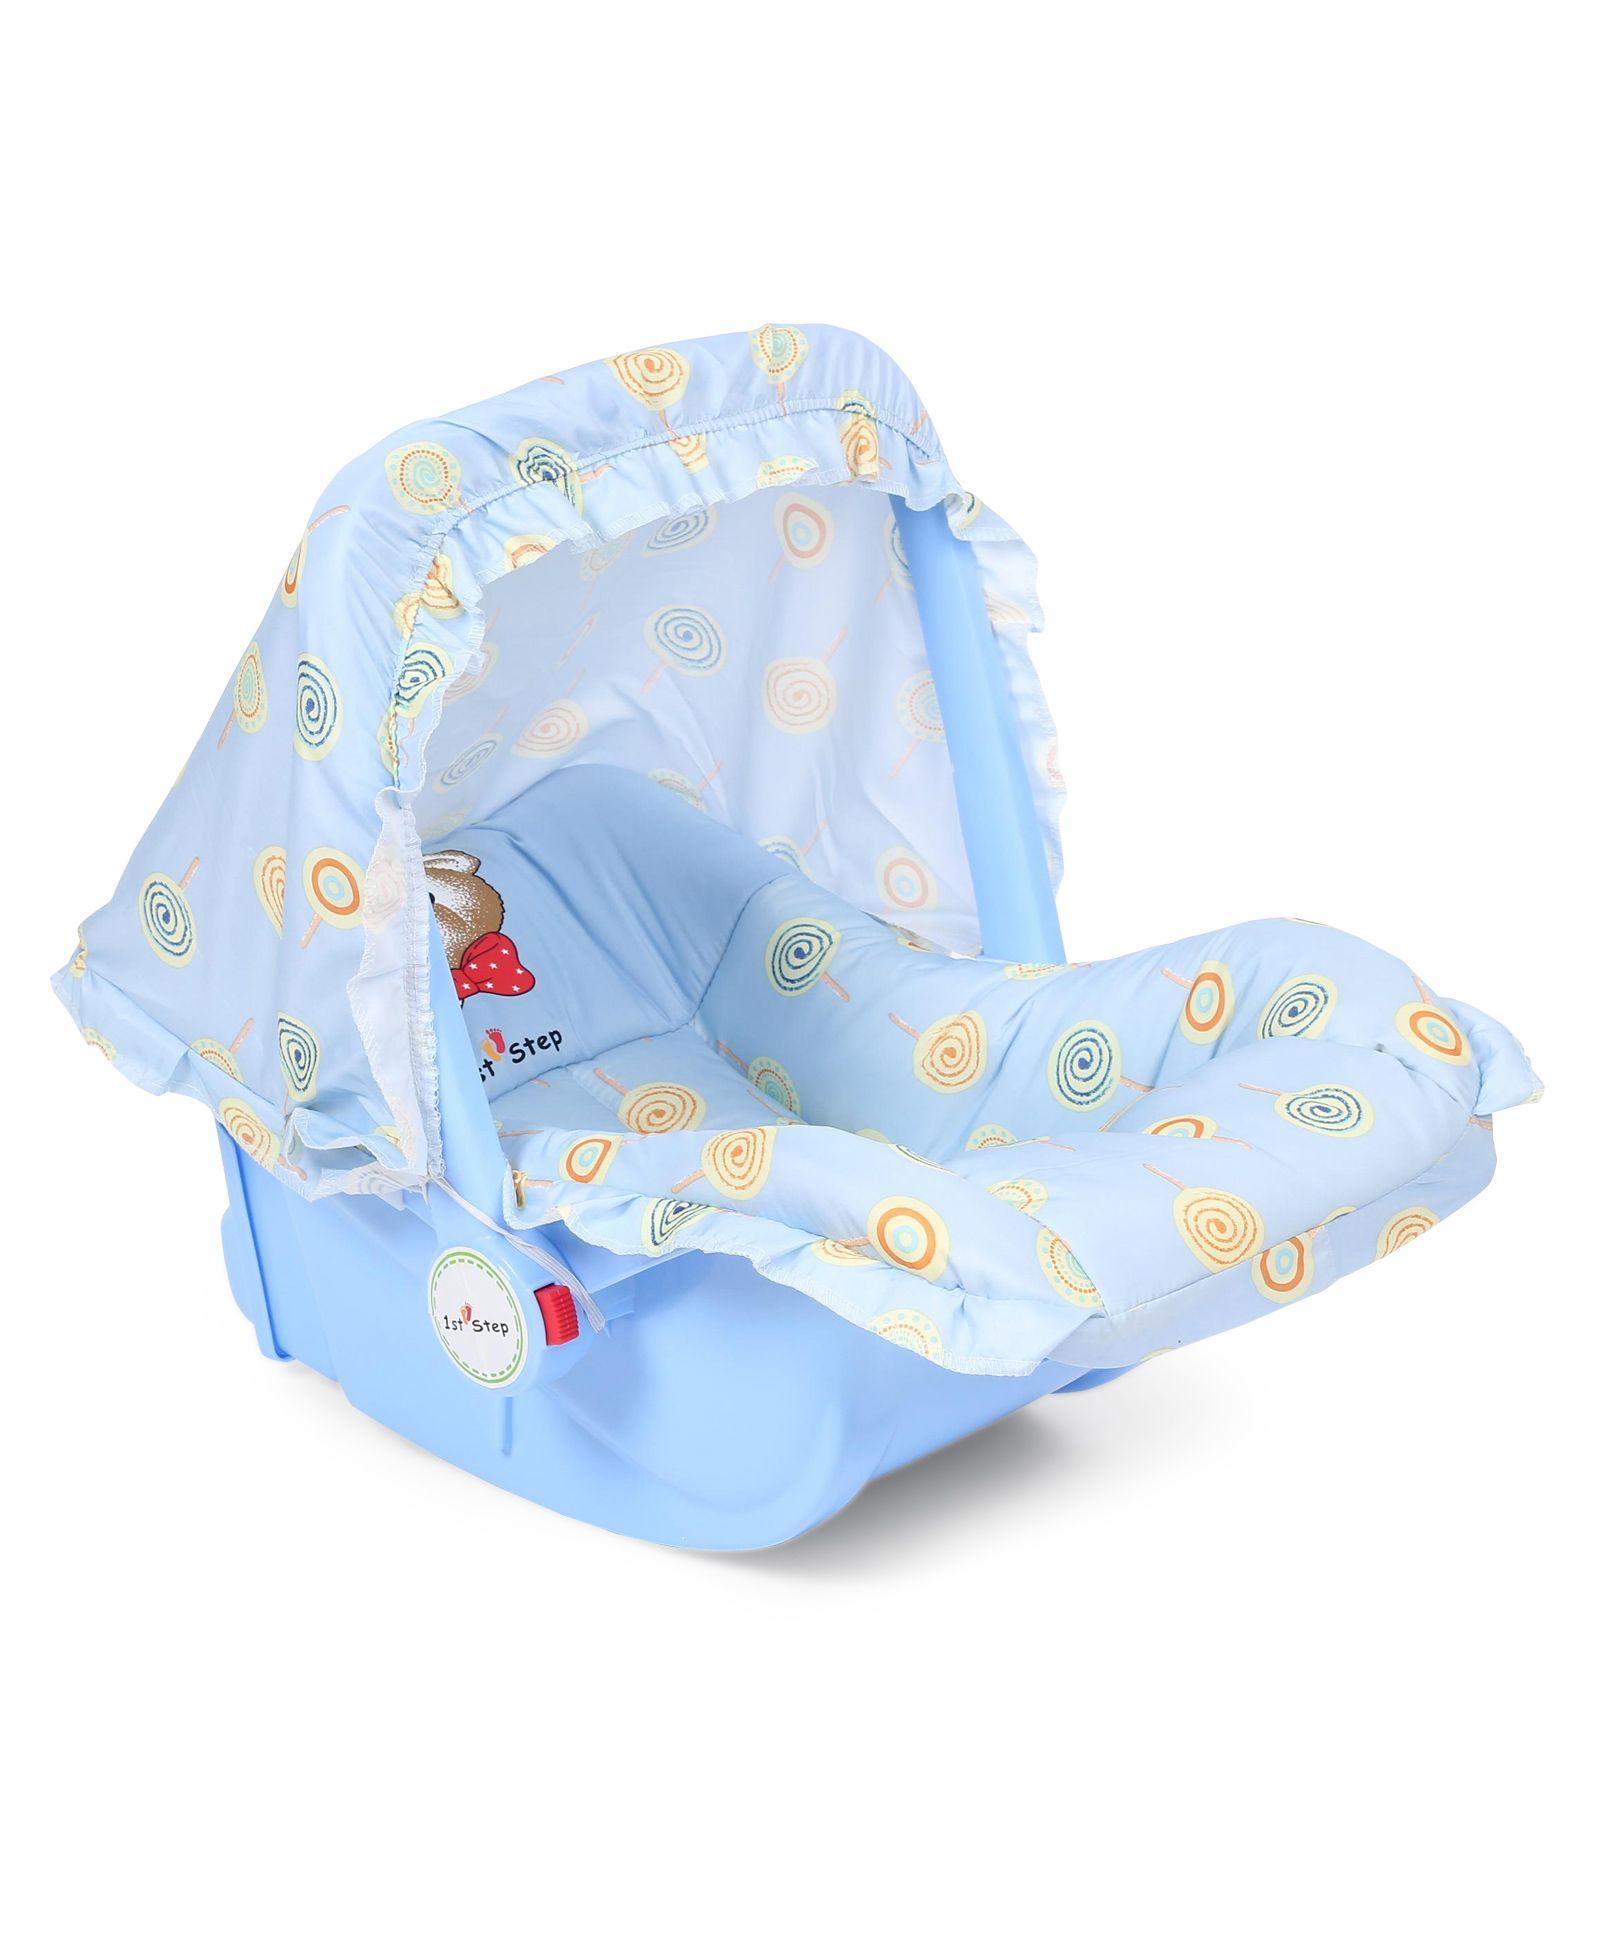 1st Step Baby Carry Cot Cum Rocker - Light Blue